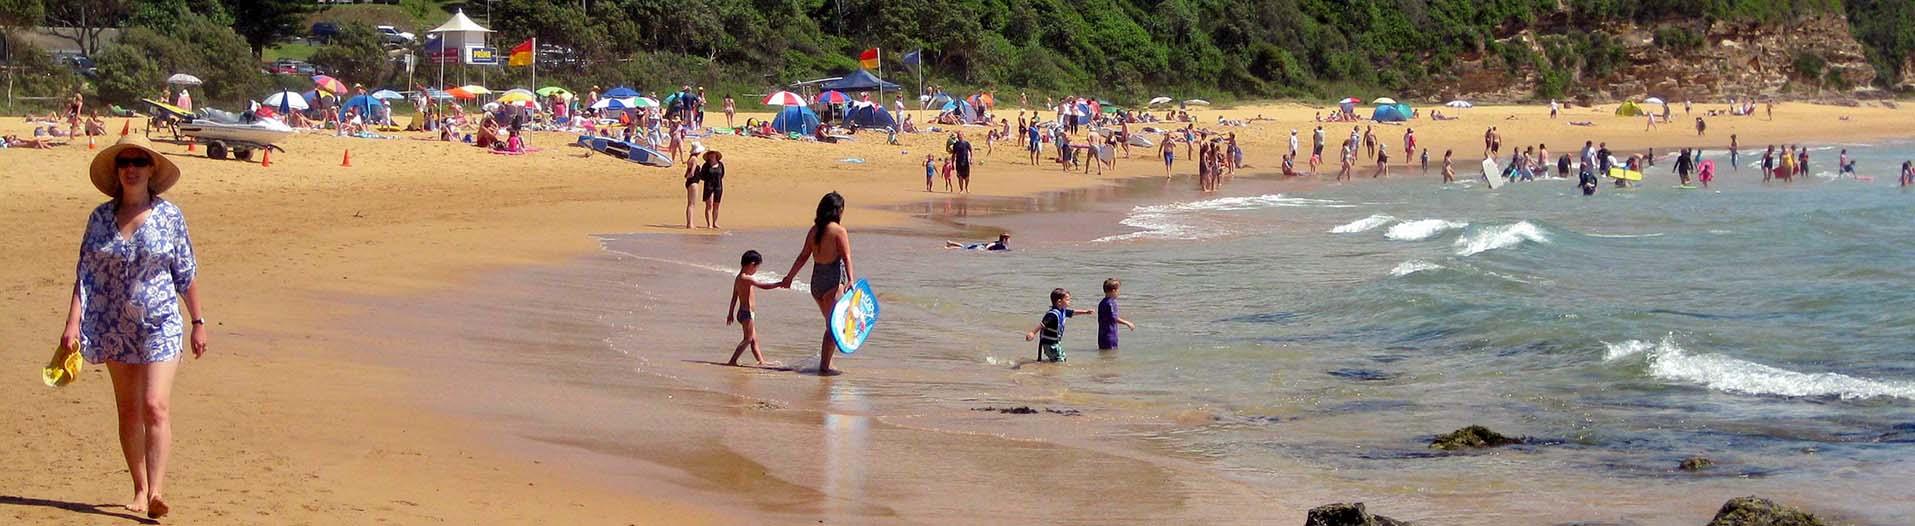 MacMaster's-Beach.jpg